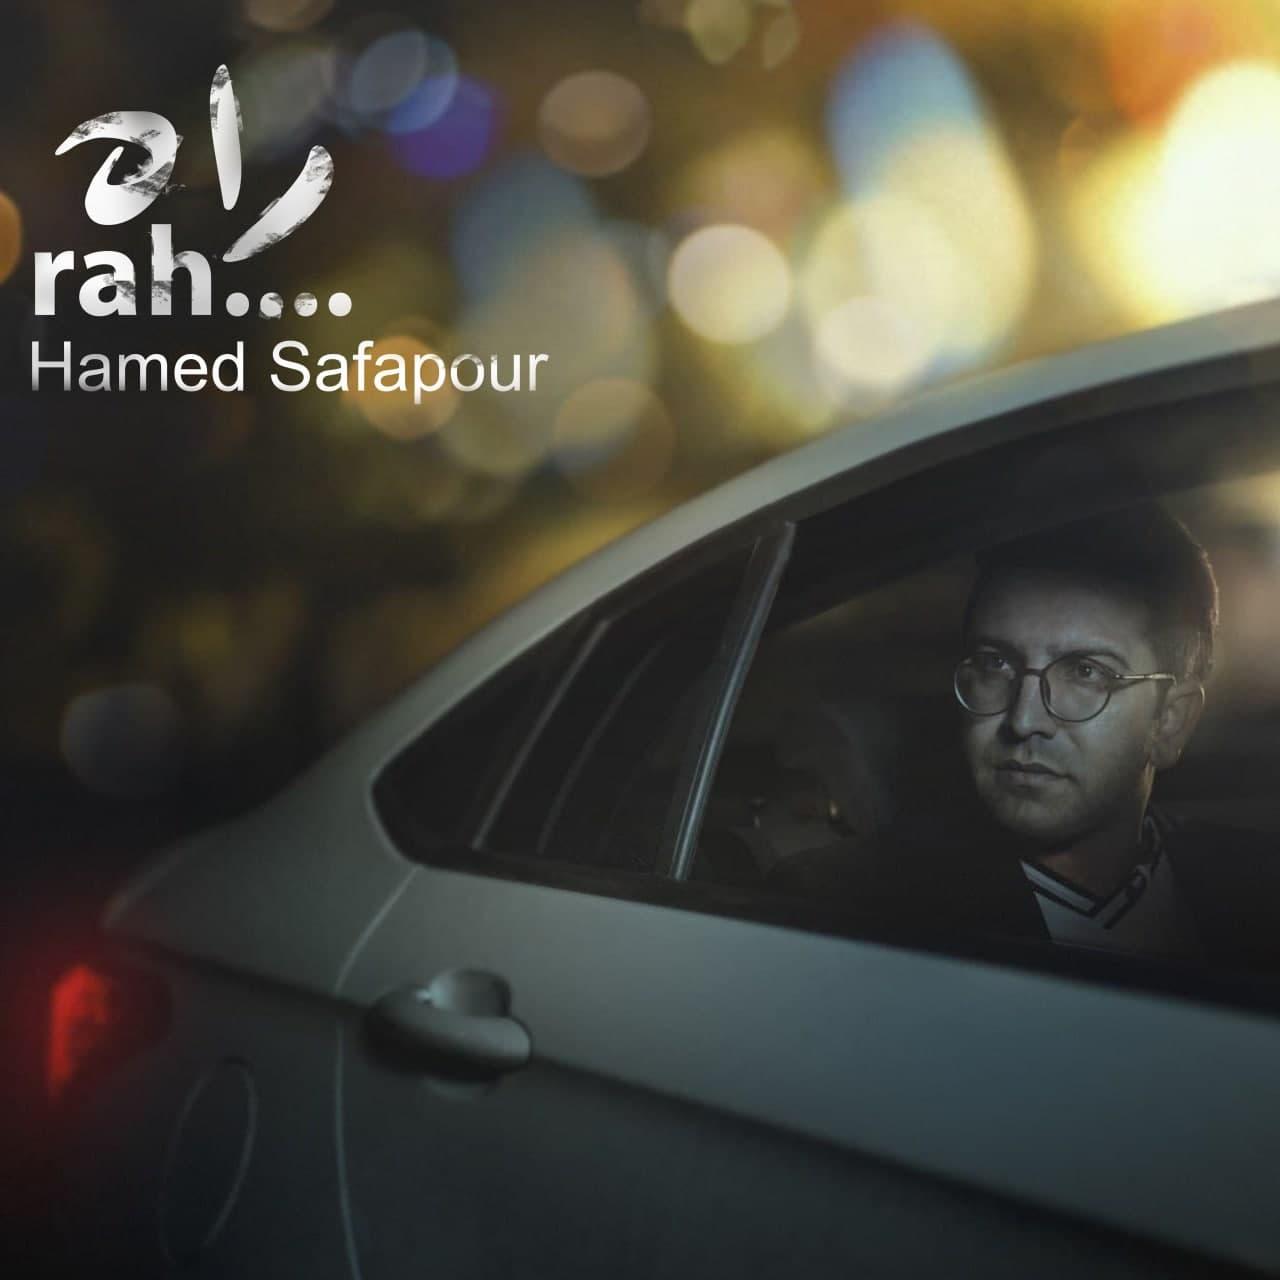 دانلود آهنگ جدید حامد صفاپور بنام راه